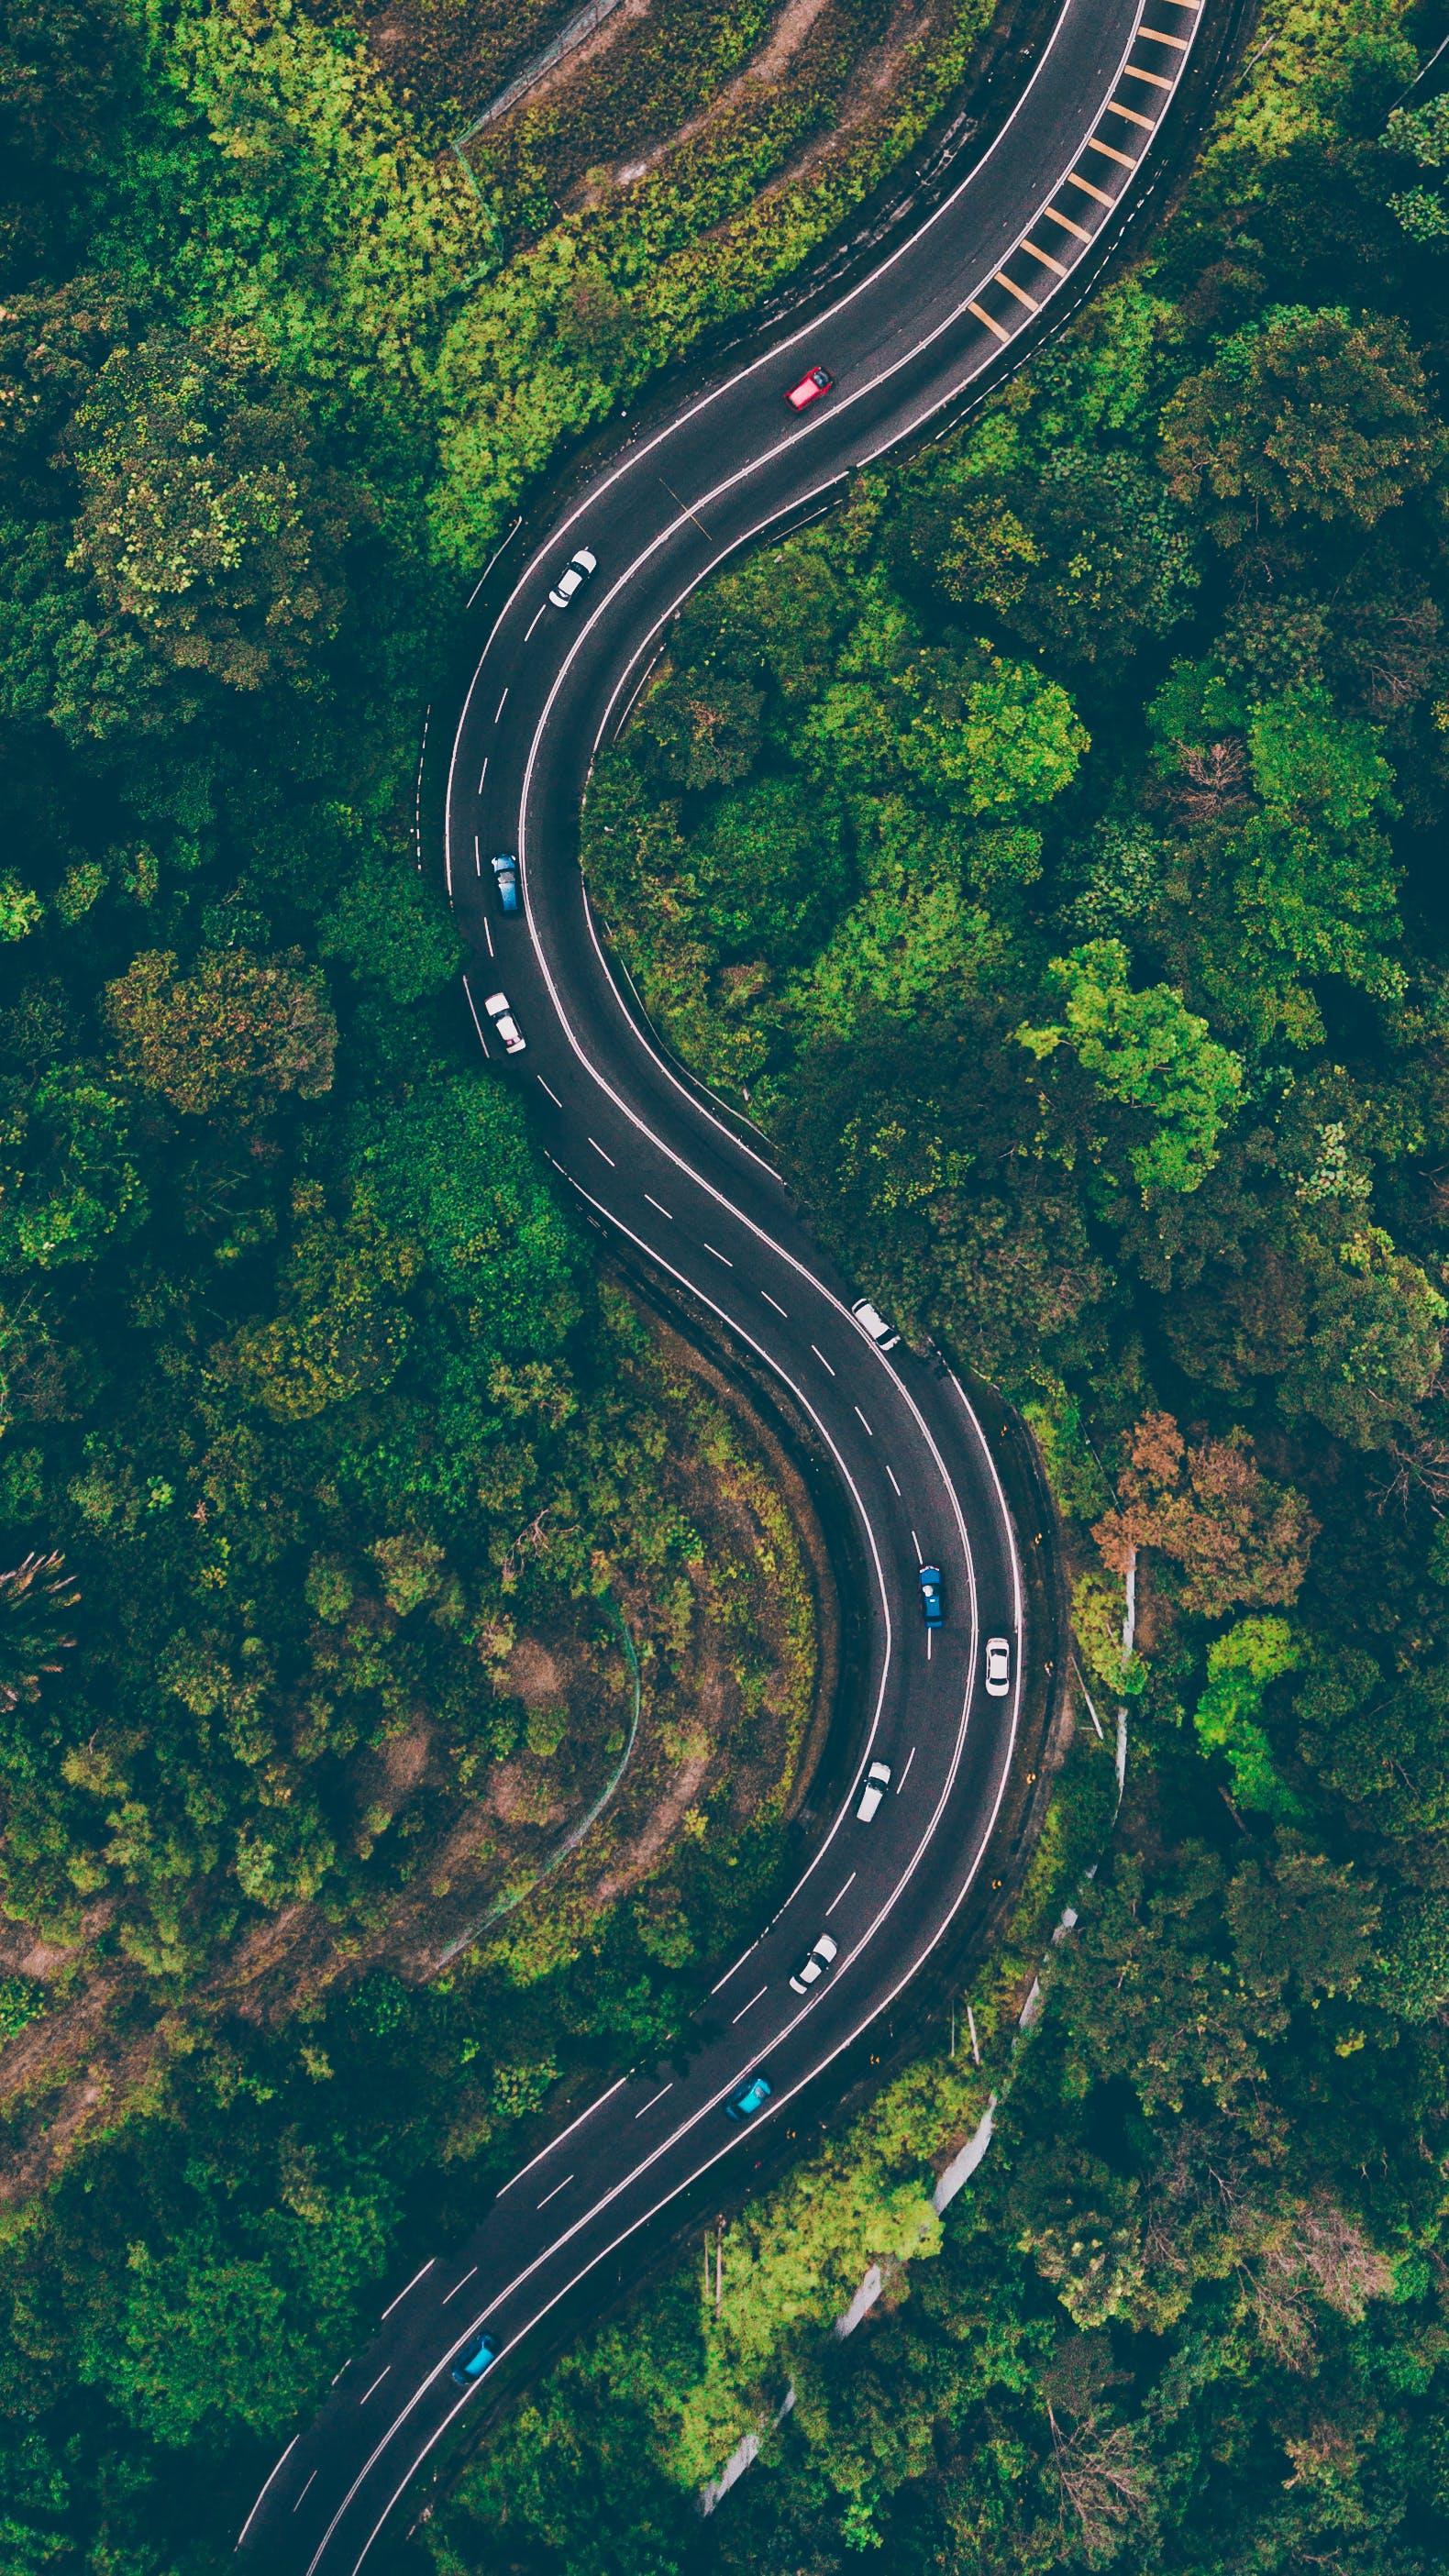 Δωρεάν στοκ φωτογραφιών με αεροφωτογράφιση, αυτοκινητόδρομος, δασικός, δέντρα